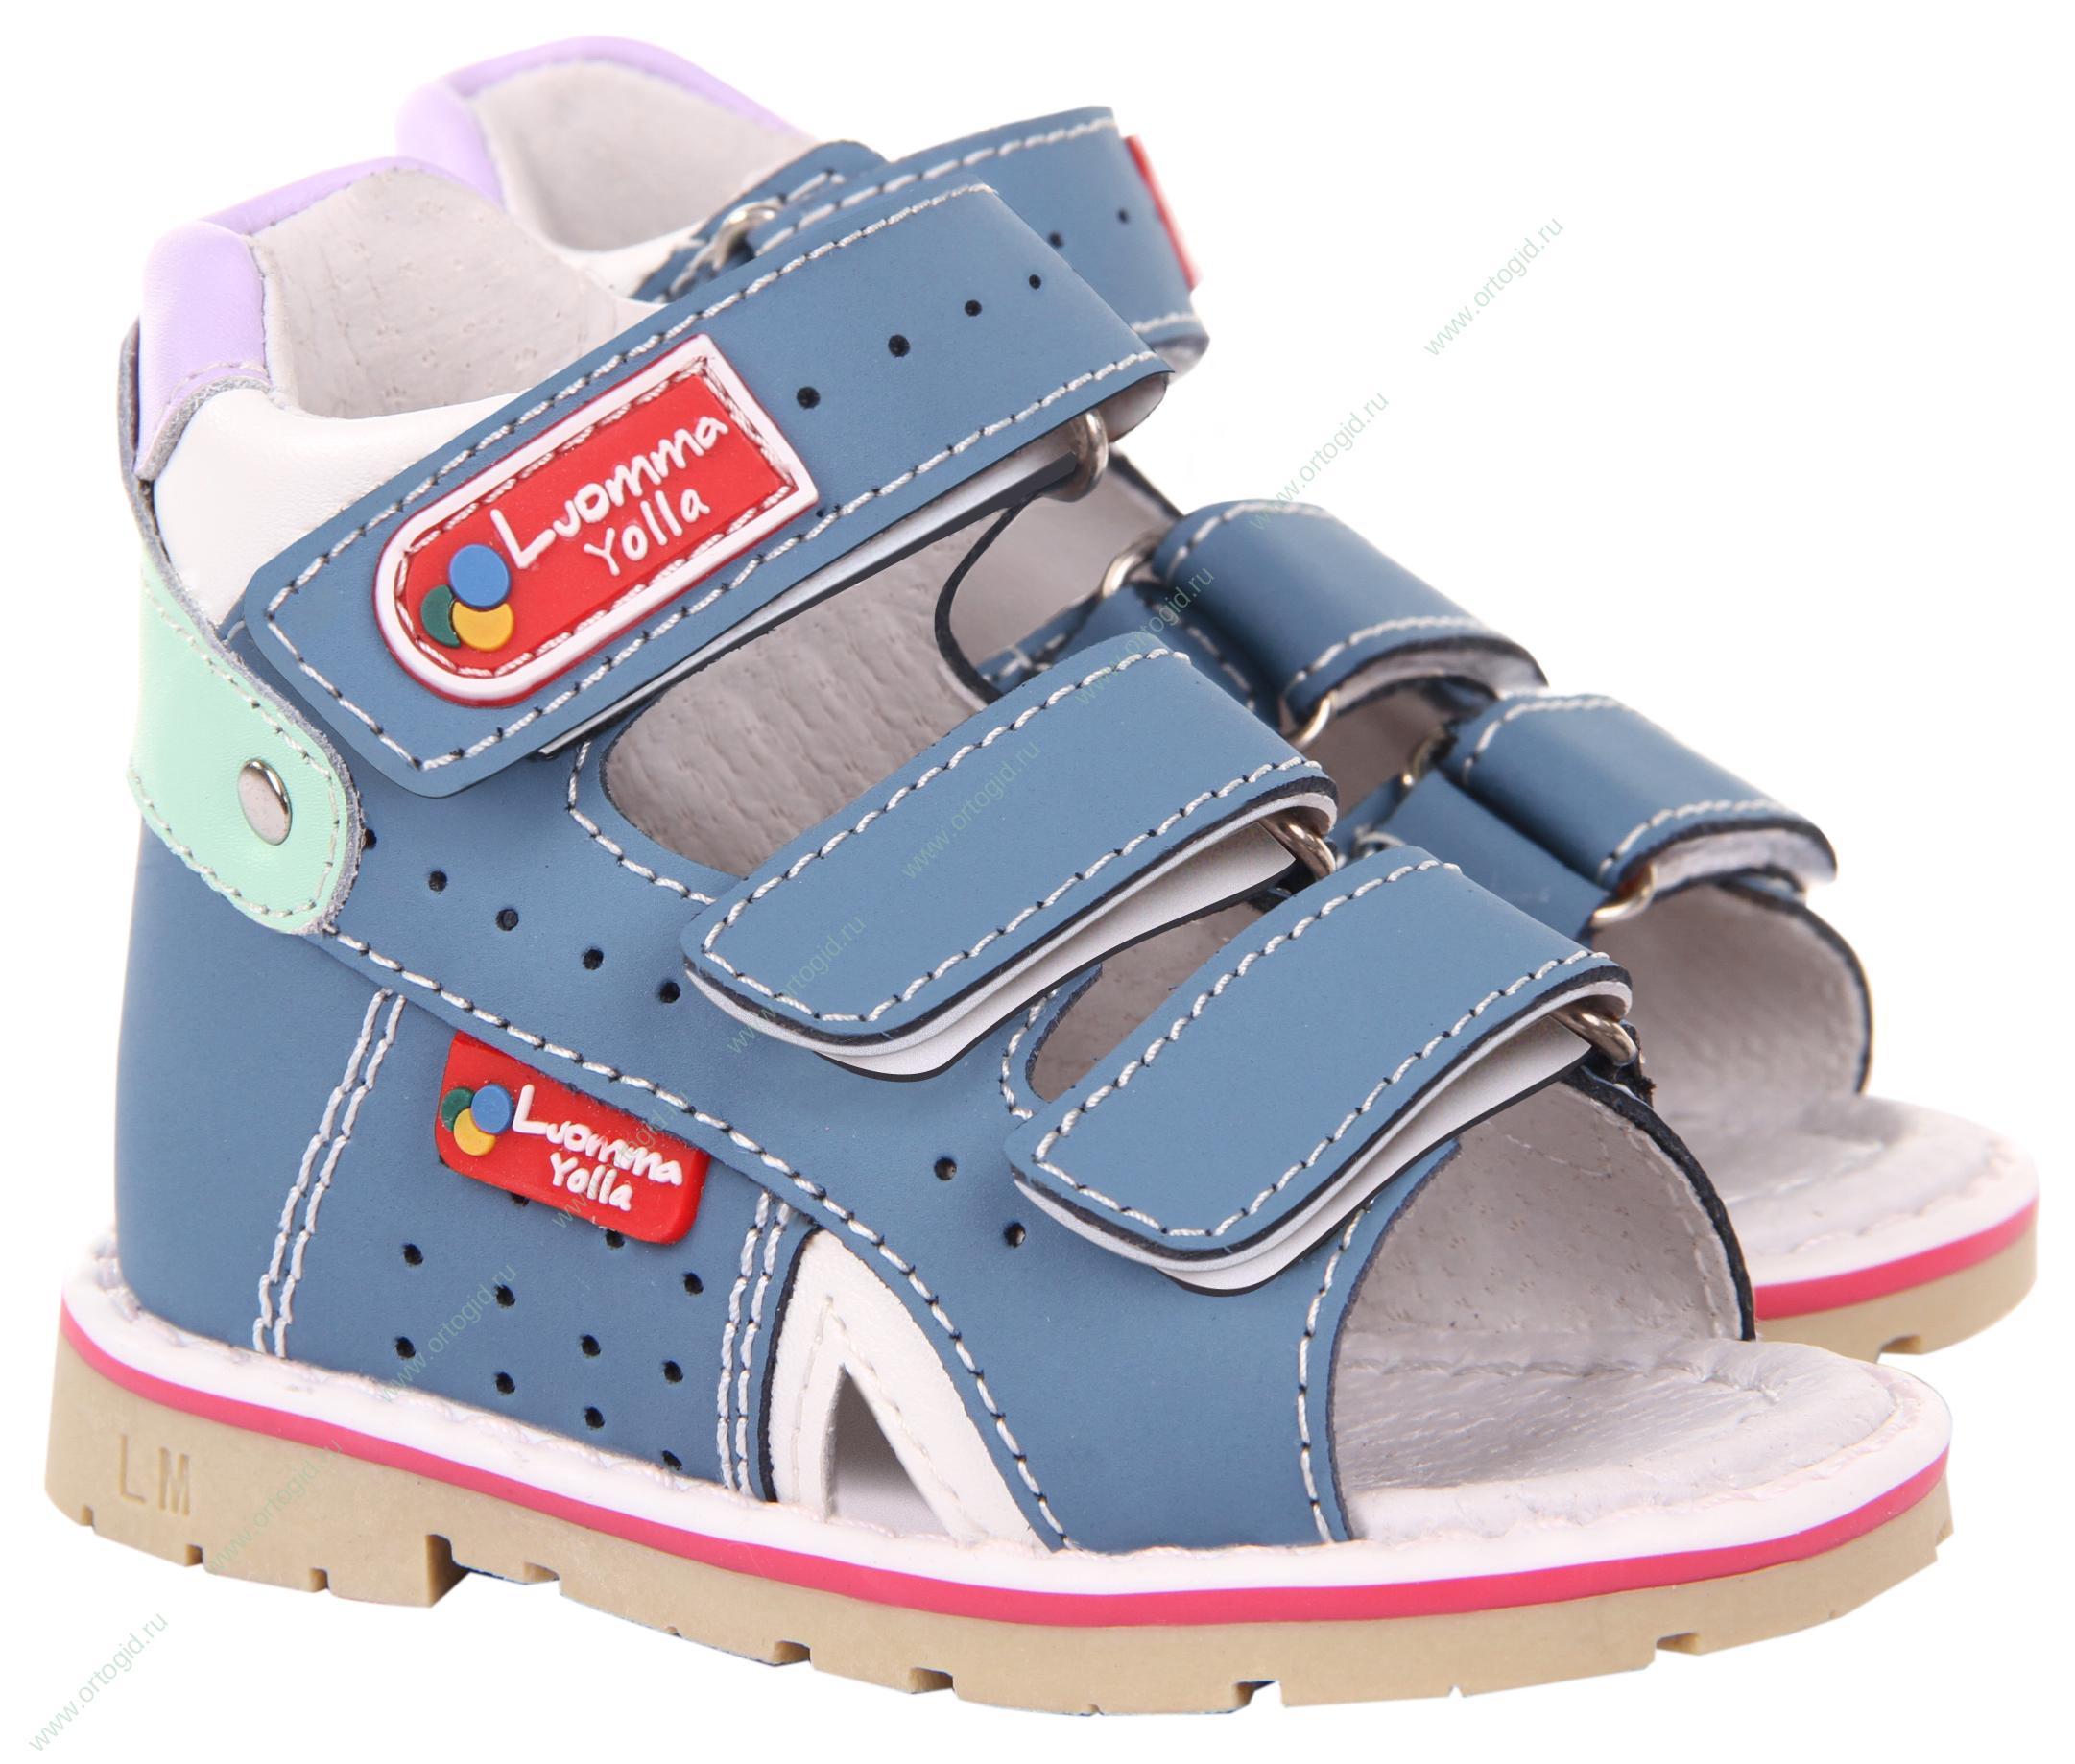 eec4a12d6 Детская ортопедическая обувь LM 101 | Ортопедический салон ОРТОГИД